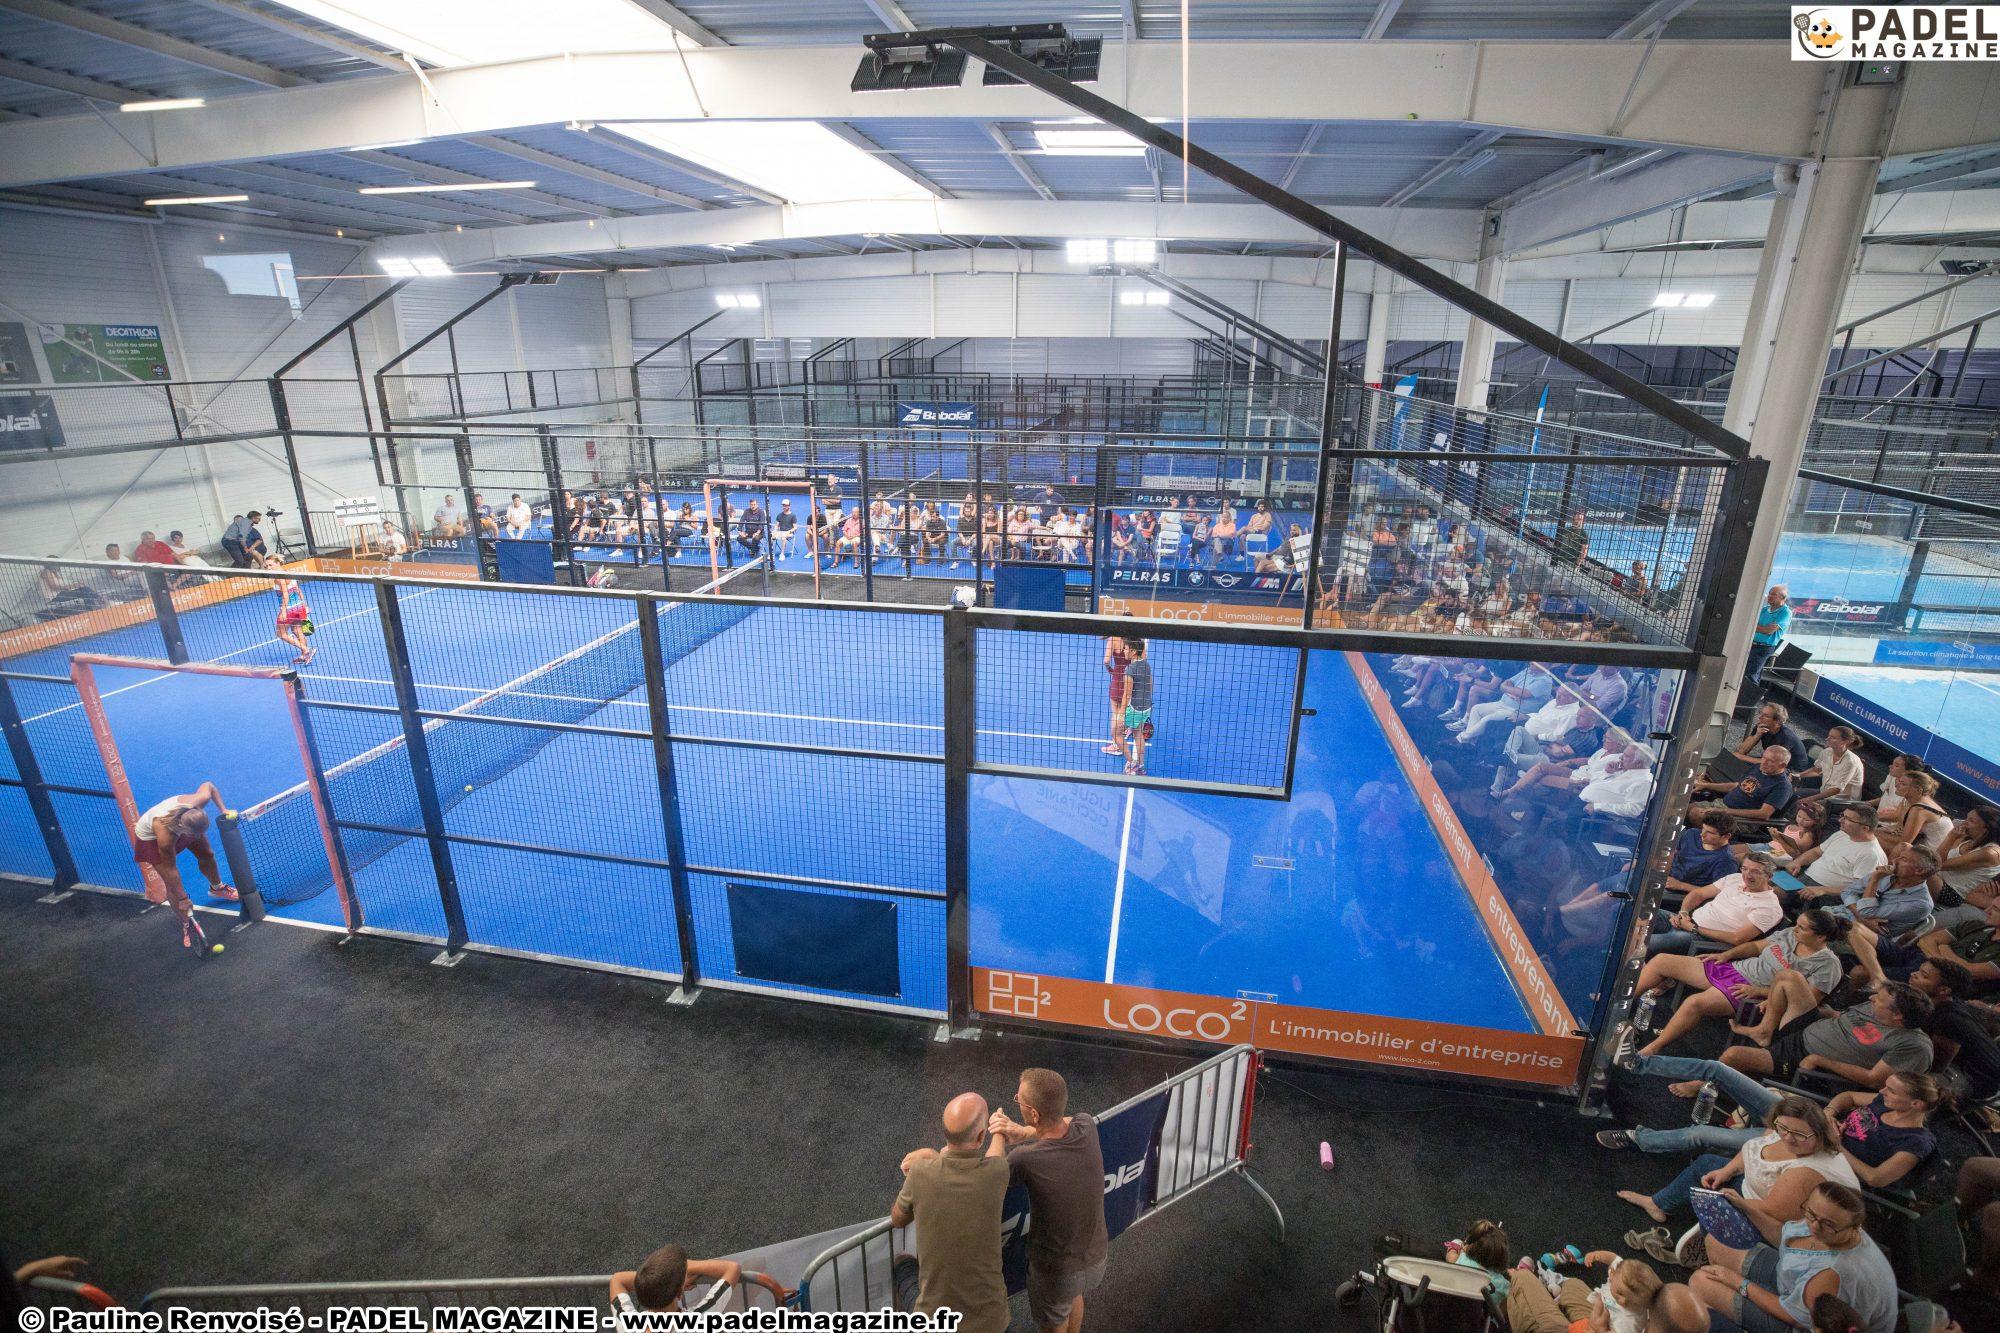 Il club di padel di Tolosa spinge le mura nel 2020